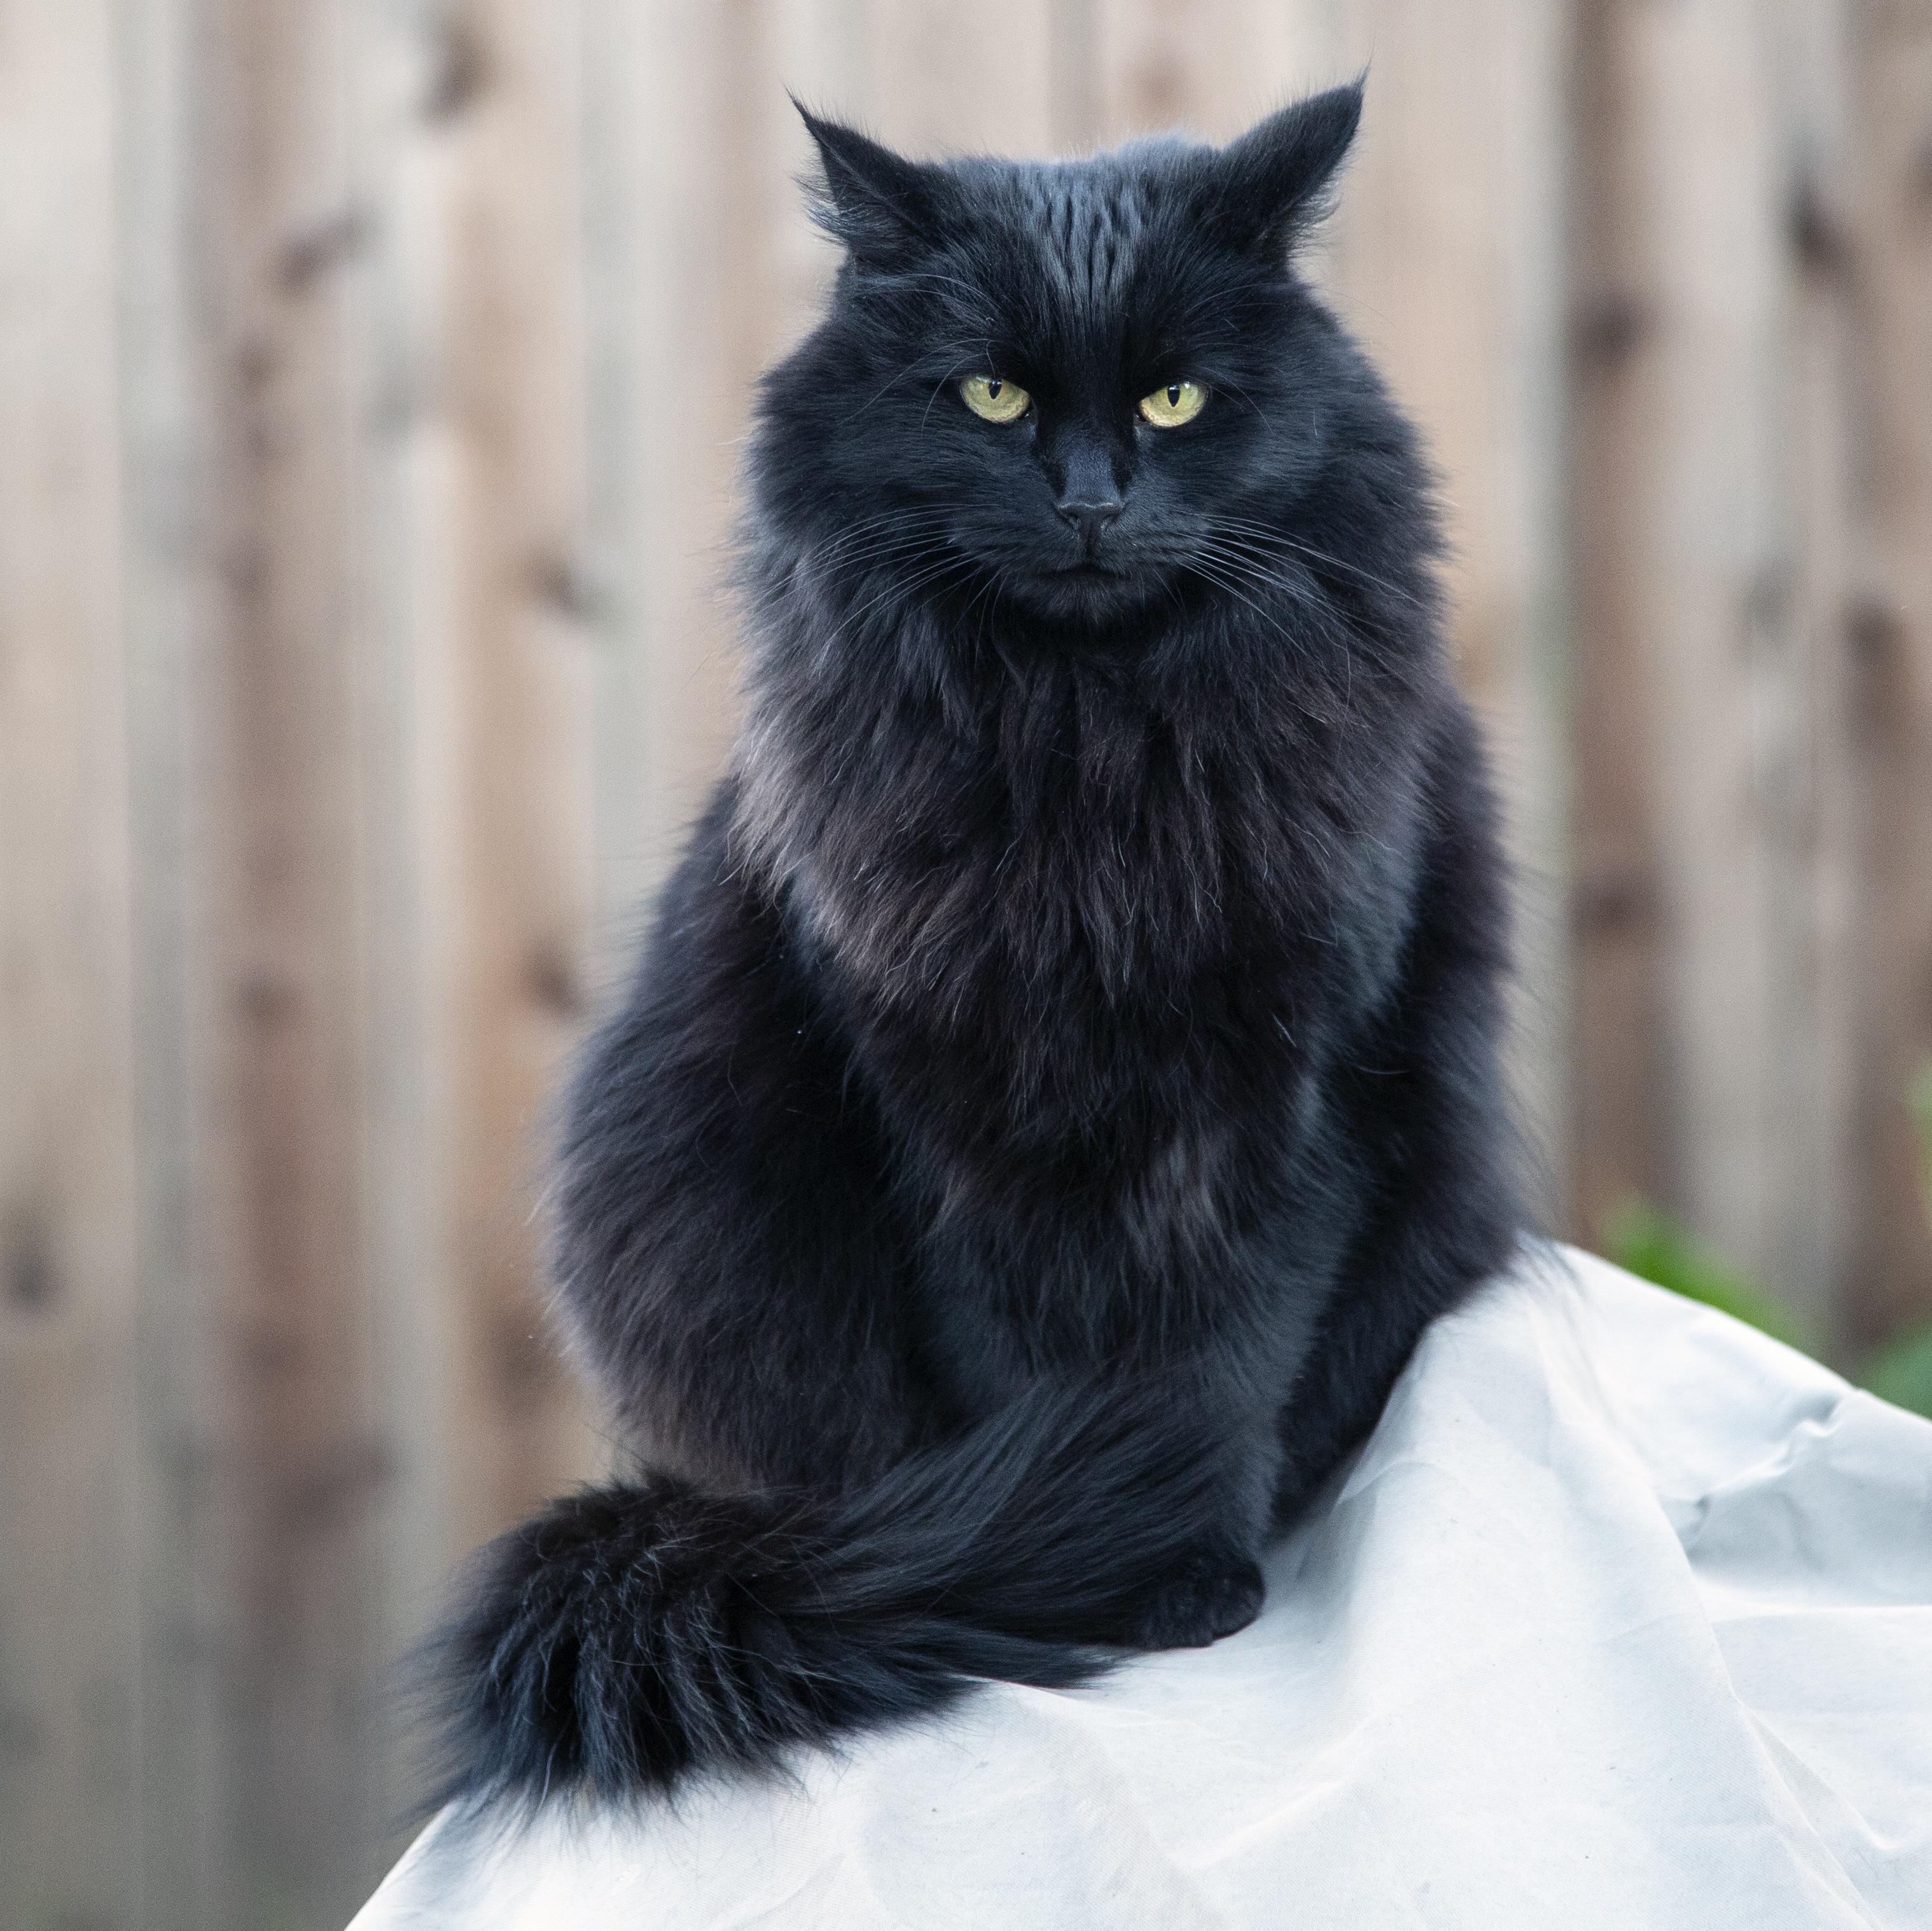 152629 скачать обои Животные, Кот, Черный Кот, Пушистый, Взгляд, Сердитый - заставки и картинки бесплатно